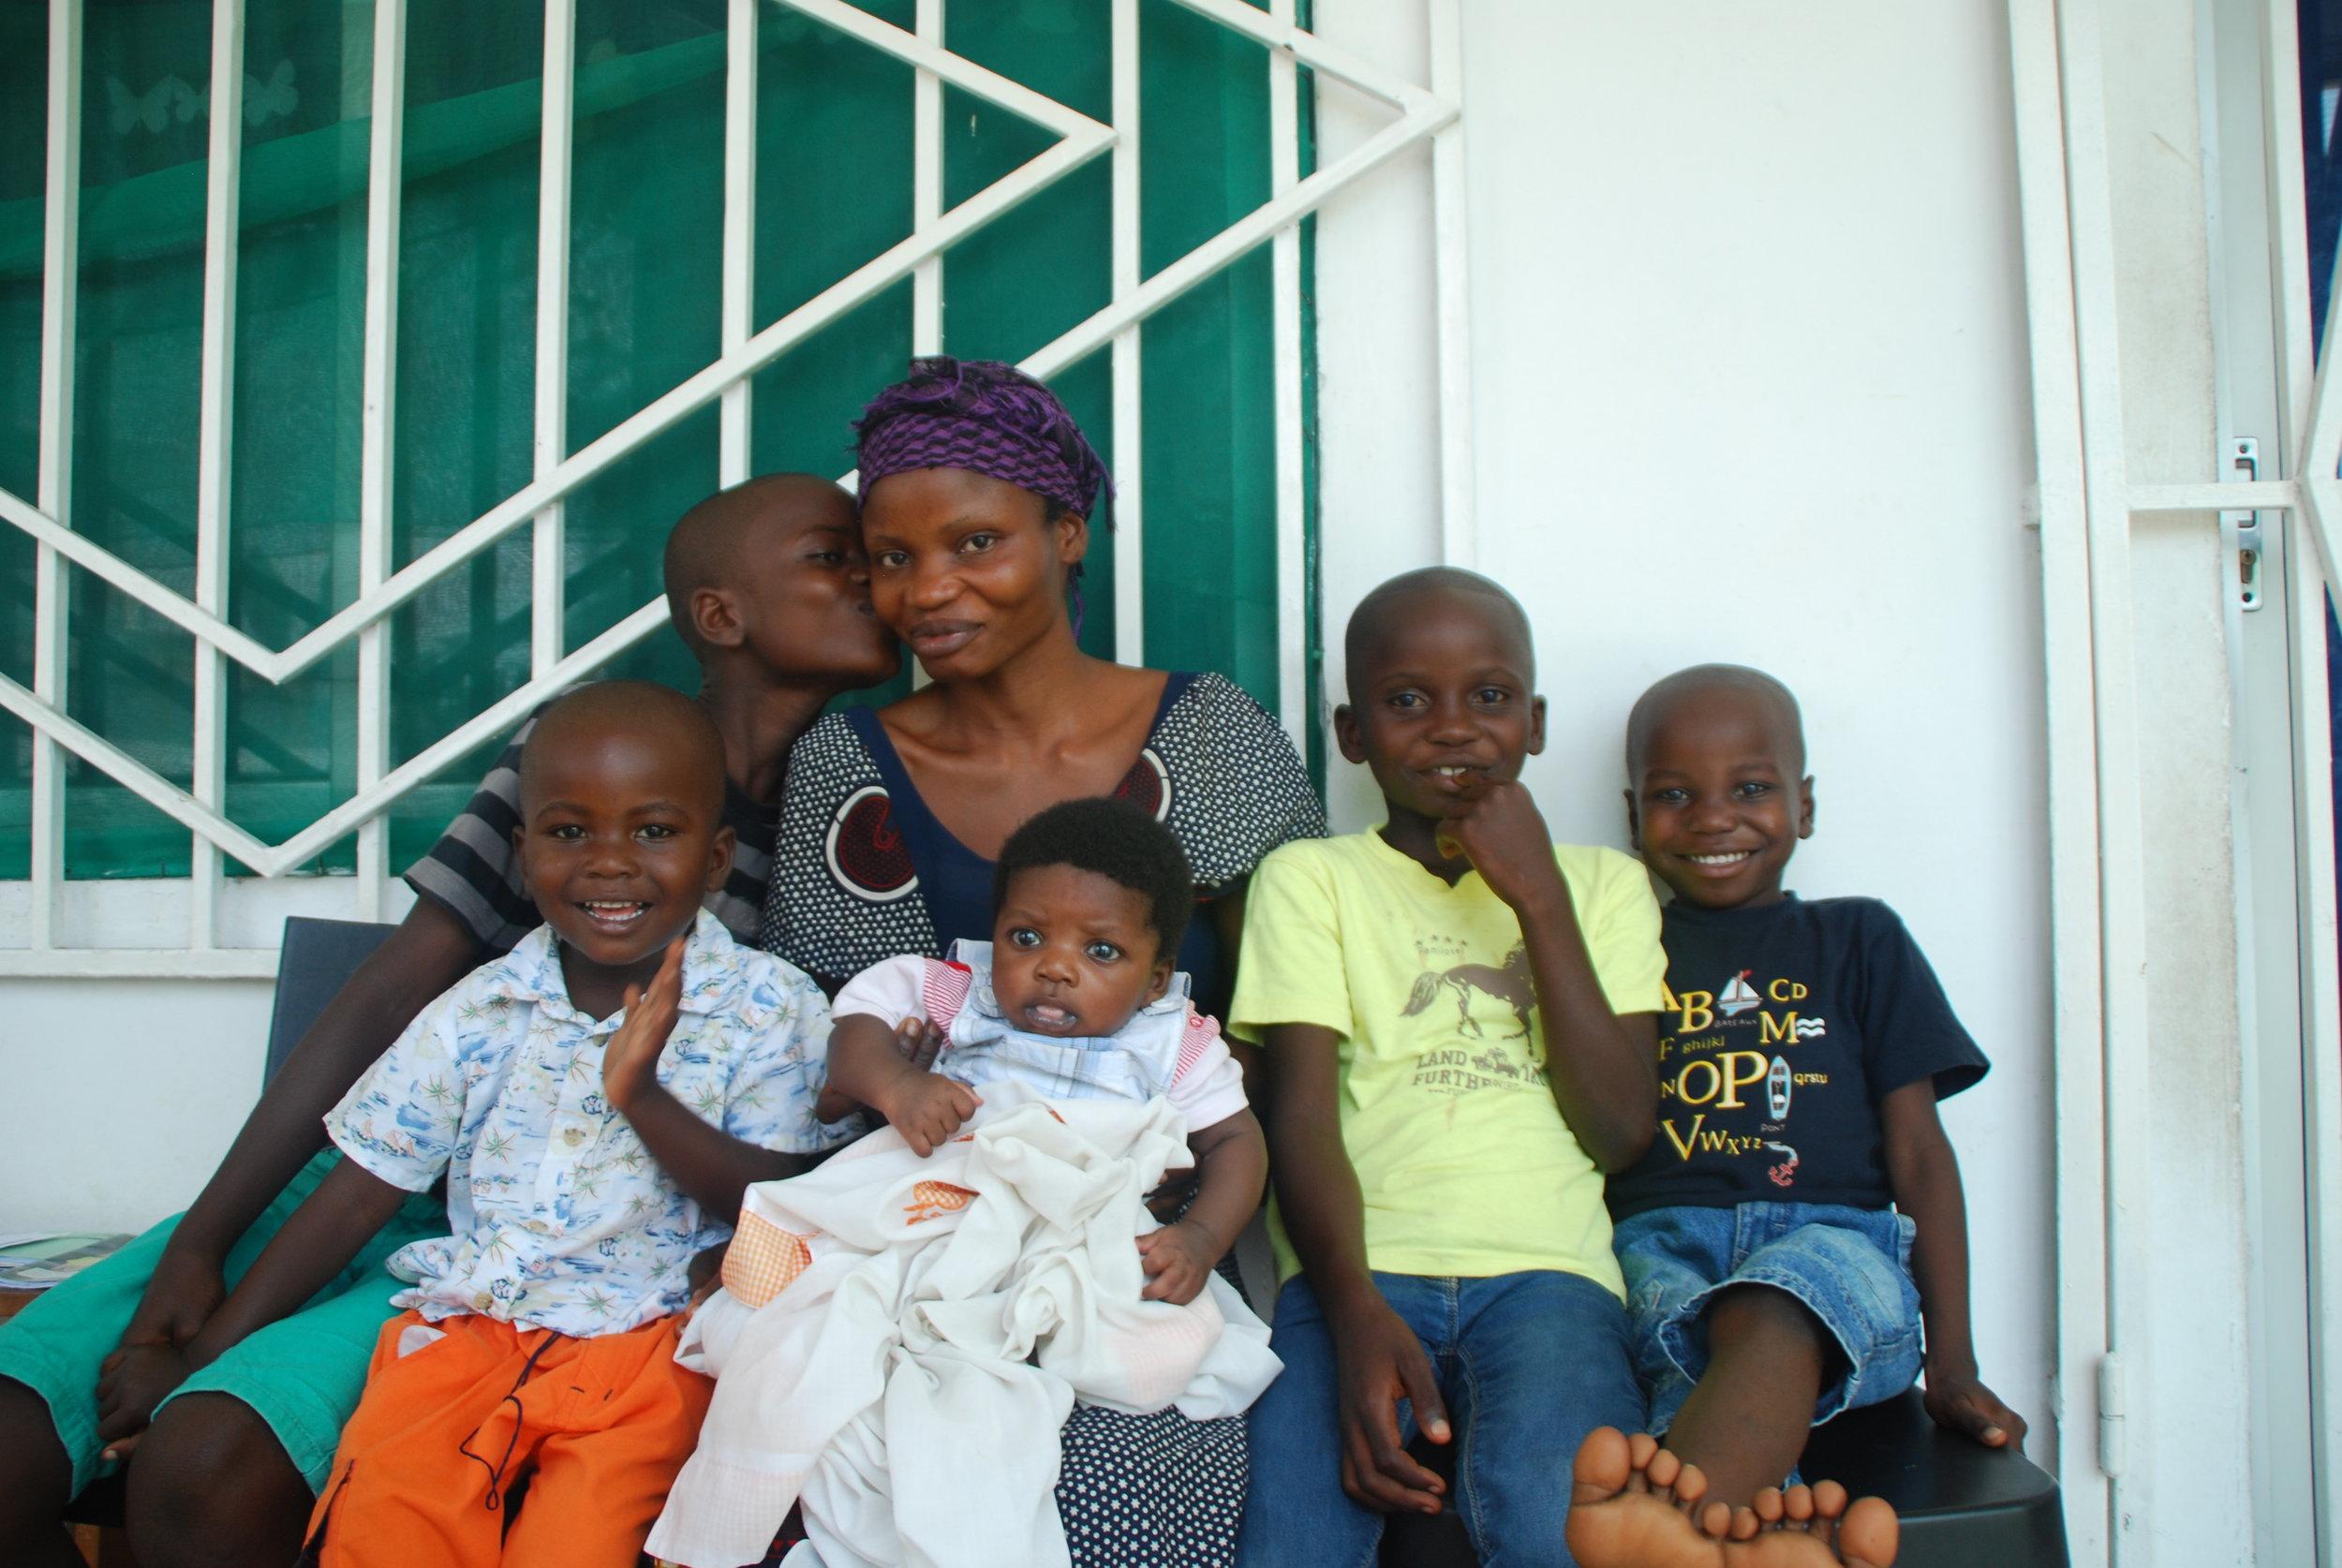 SOUtenir une FAMILLE VULNÉRABLE :385$/mois - Les familles vulnérables sont principalement des femmes seuls avec leurs enfants, souvent des veuves. Mwana leur permet d'accéder à une formation professionnelle et les aide pour qu'elles deviennent autonomes tout en fournissant un suivi médical et des produits de première nécessité dont des aliments de base à la famille. Les frais de scolarité pour les enfants sont couverts et les adolescents reçoivent une formation préprofessionnelle.